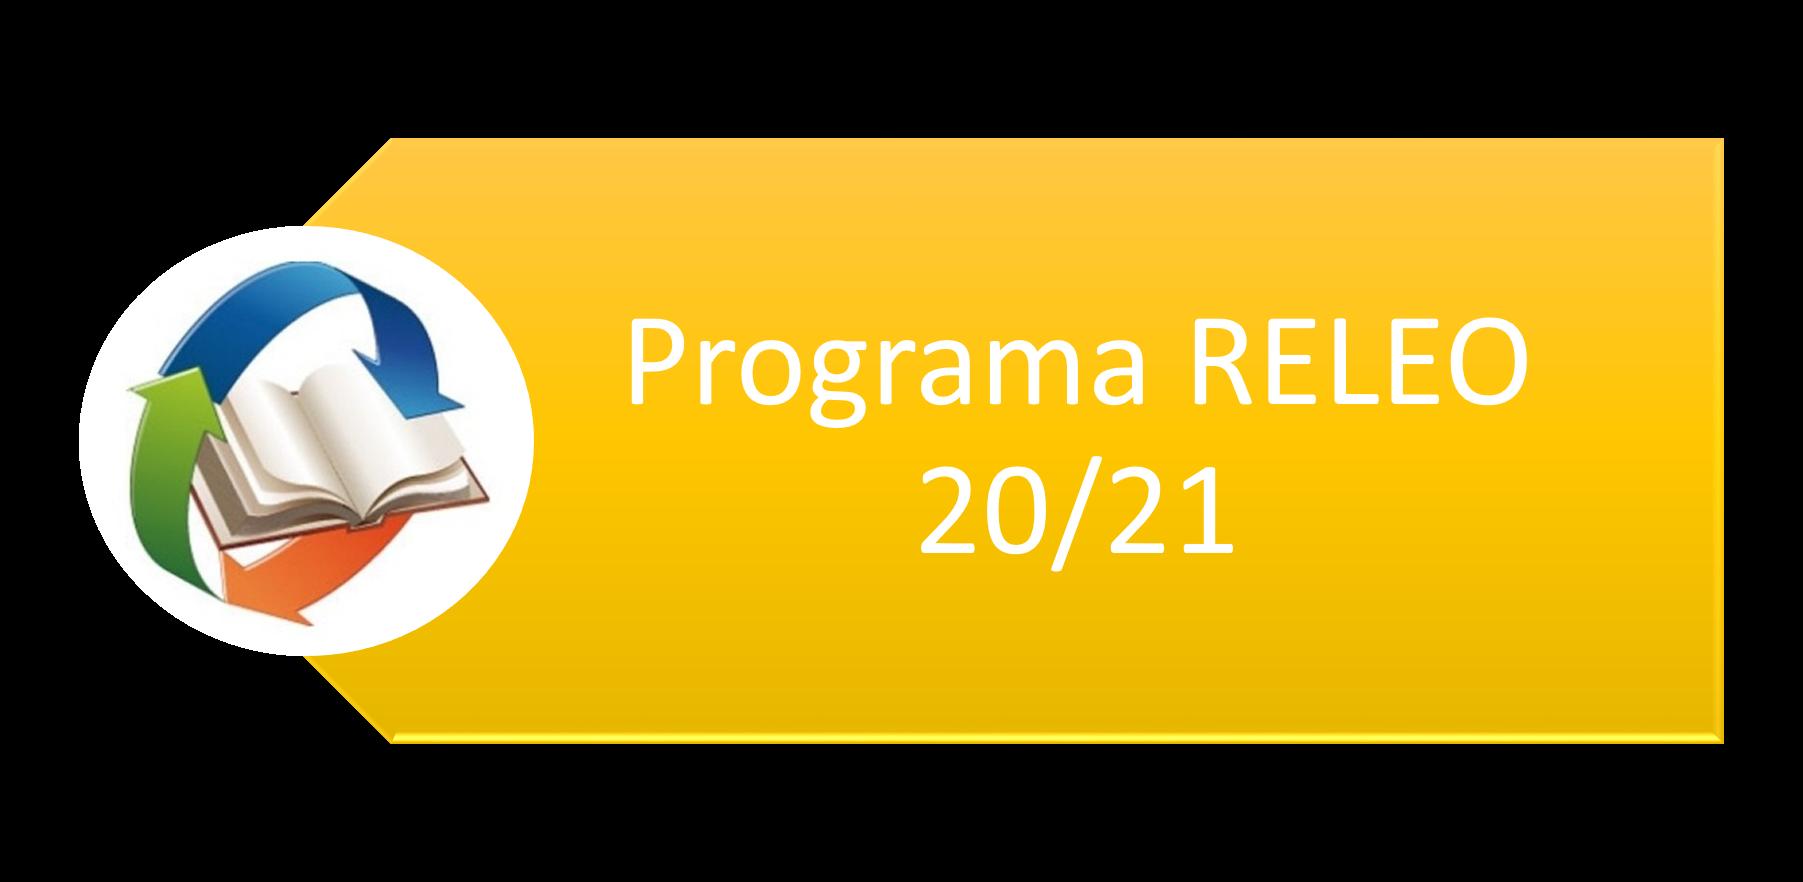 Convocatoria del programa RELEO 2020/21